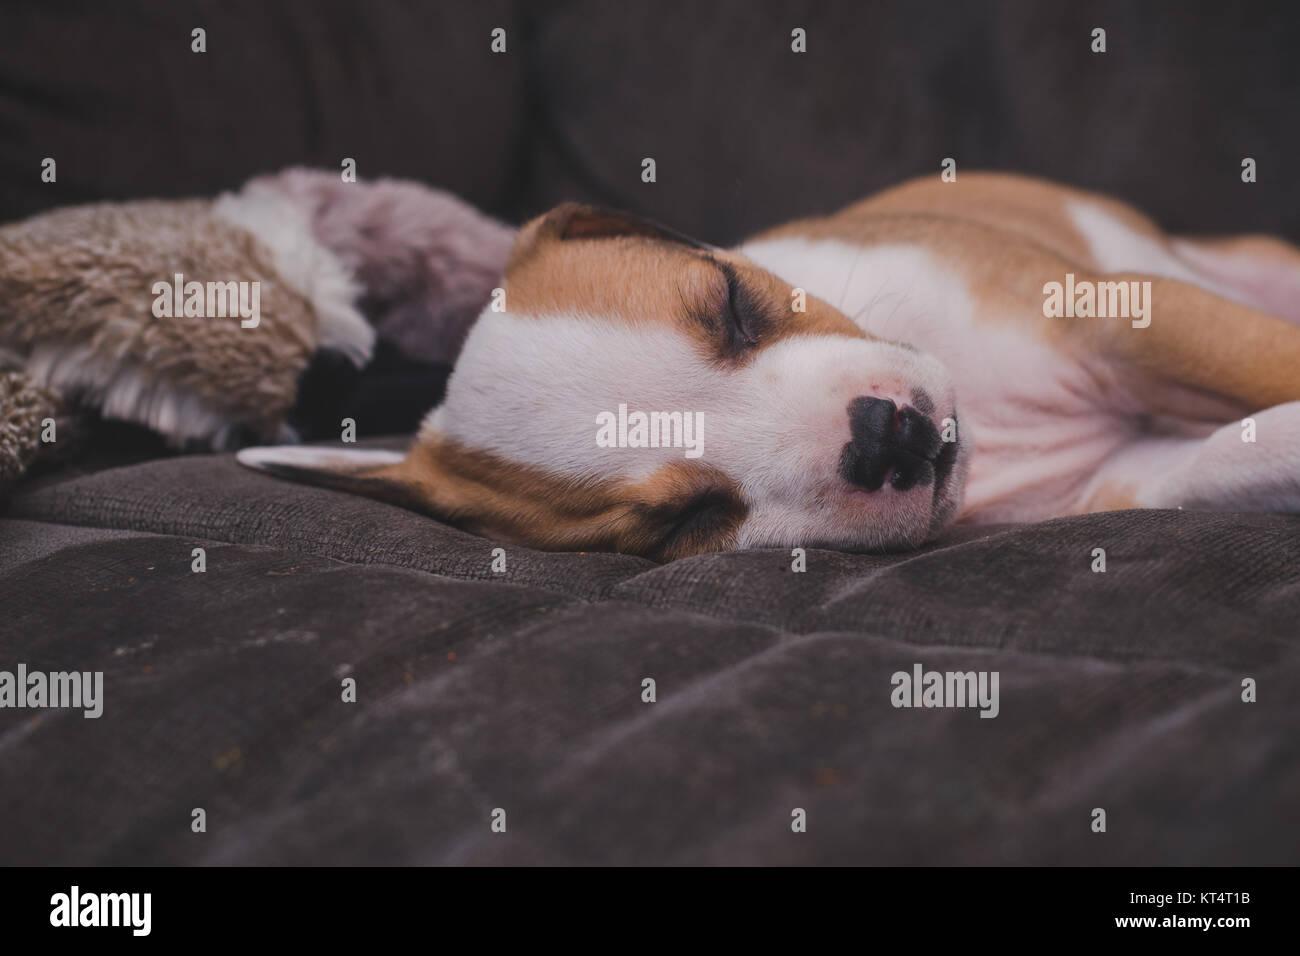 Un pit bull mix 7 settimane vecchio cucciolo dorme su un lettino di grigio. Immagini Stock